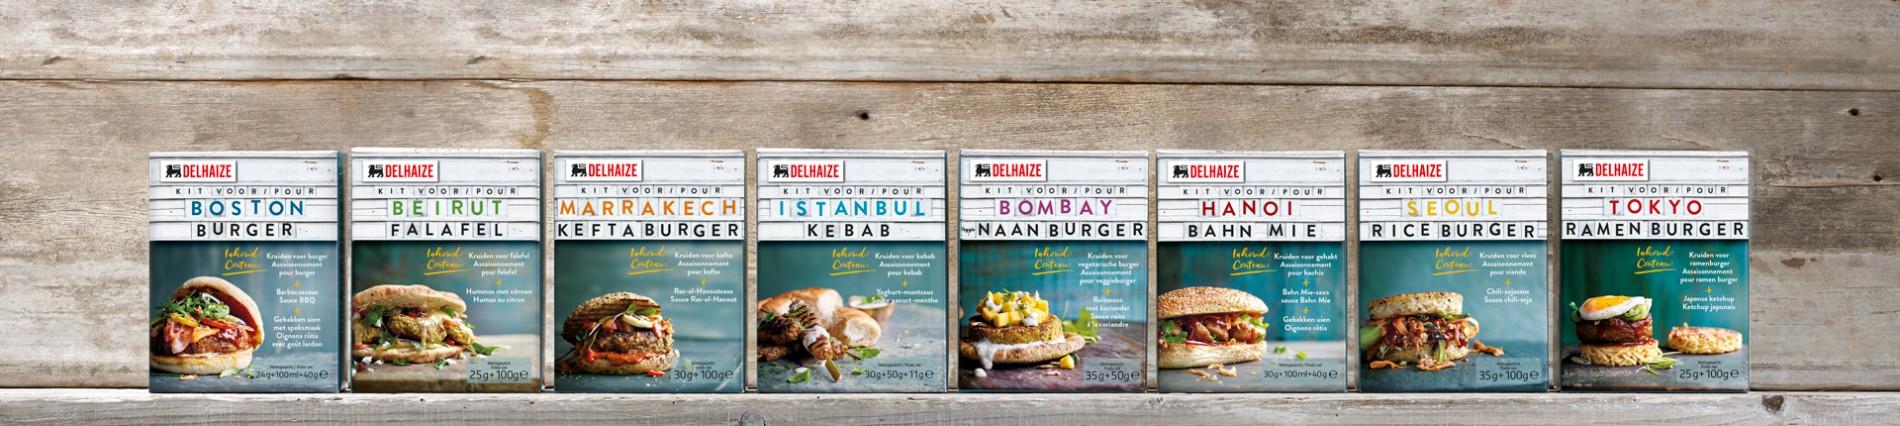 Quatre Mains package design - Package design gourmet burger, delhaize, quatre mains